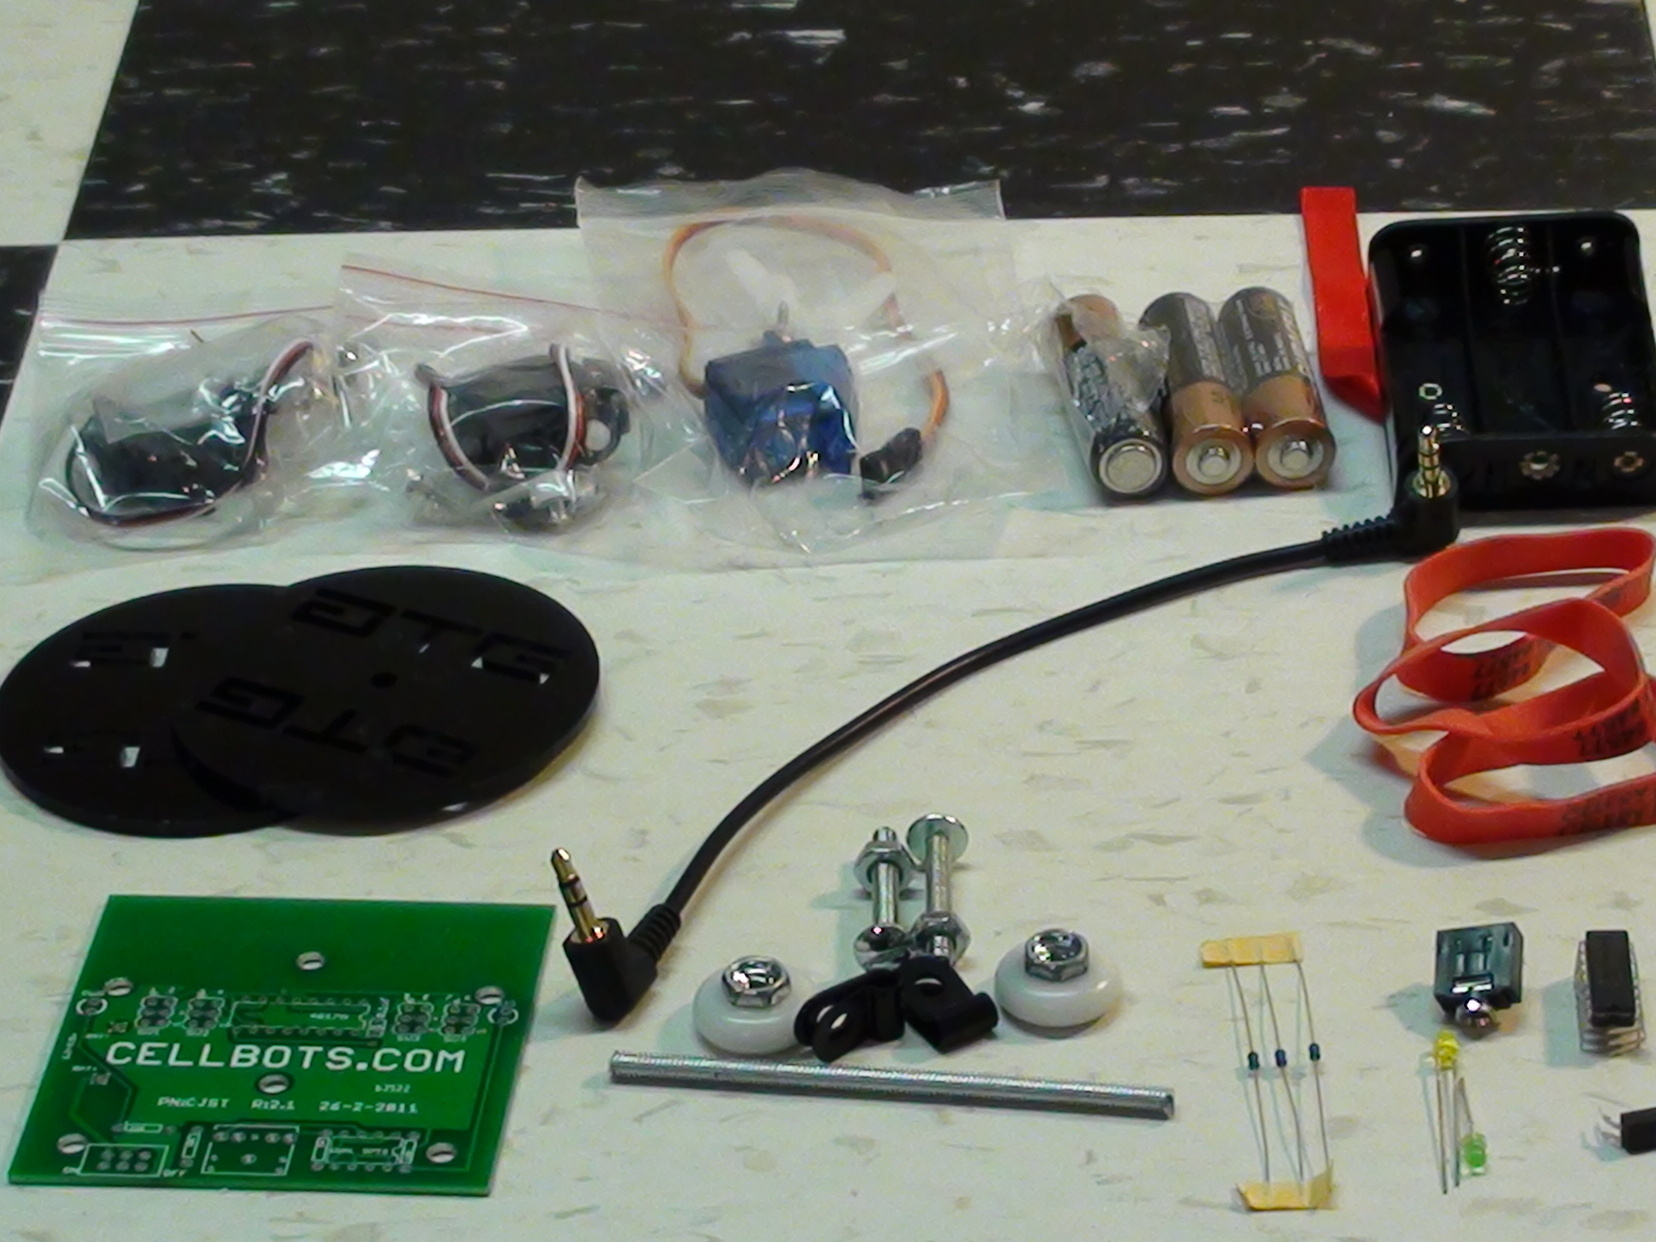 Super-Simple Audio Cellbot